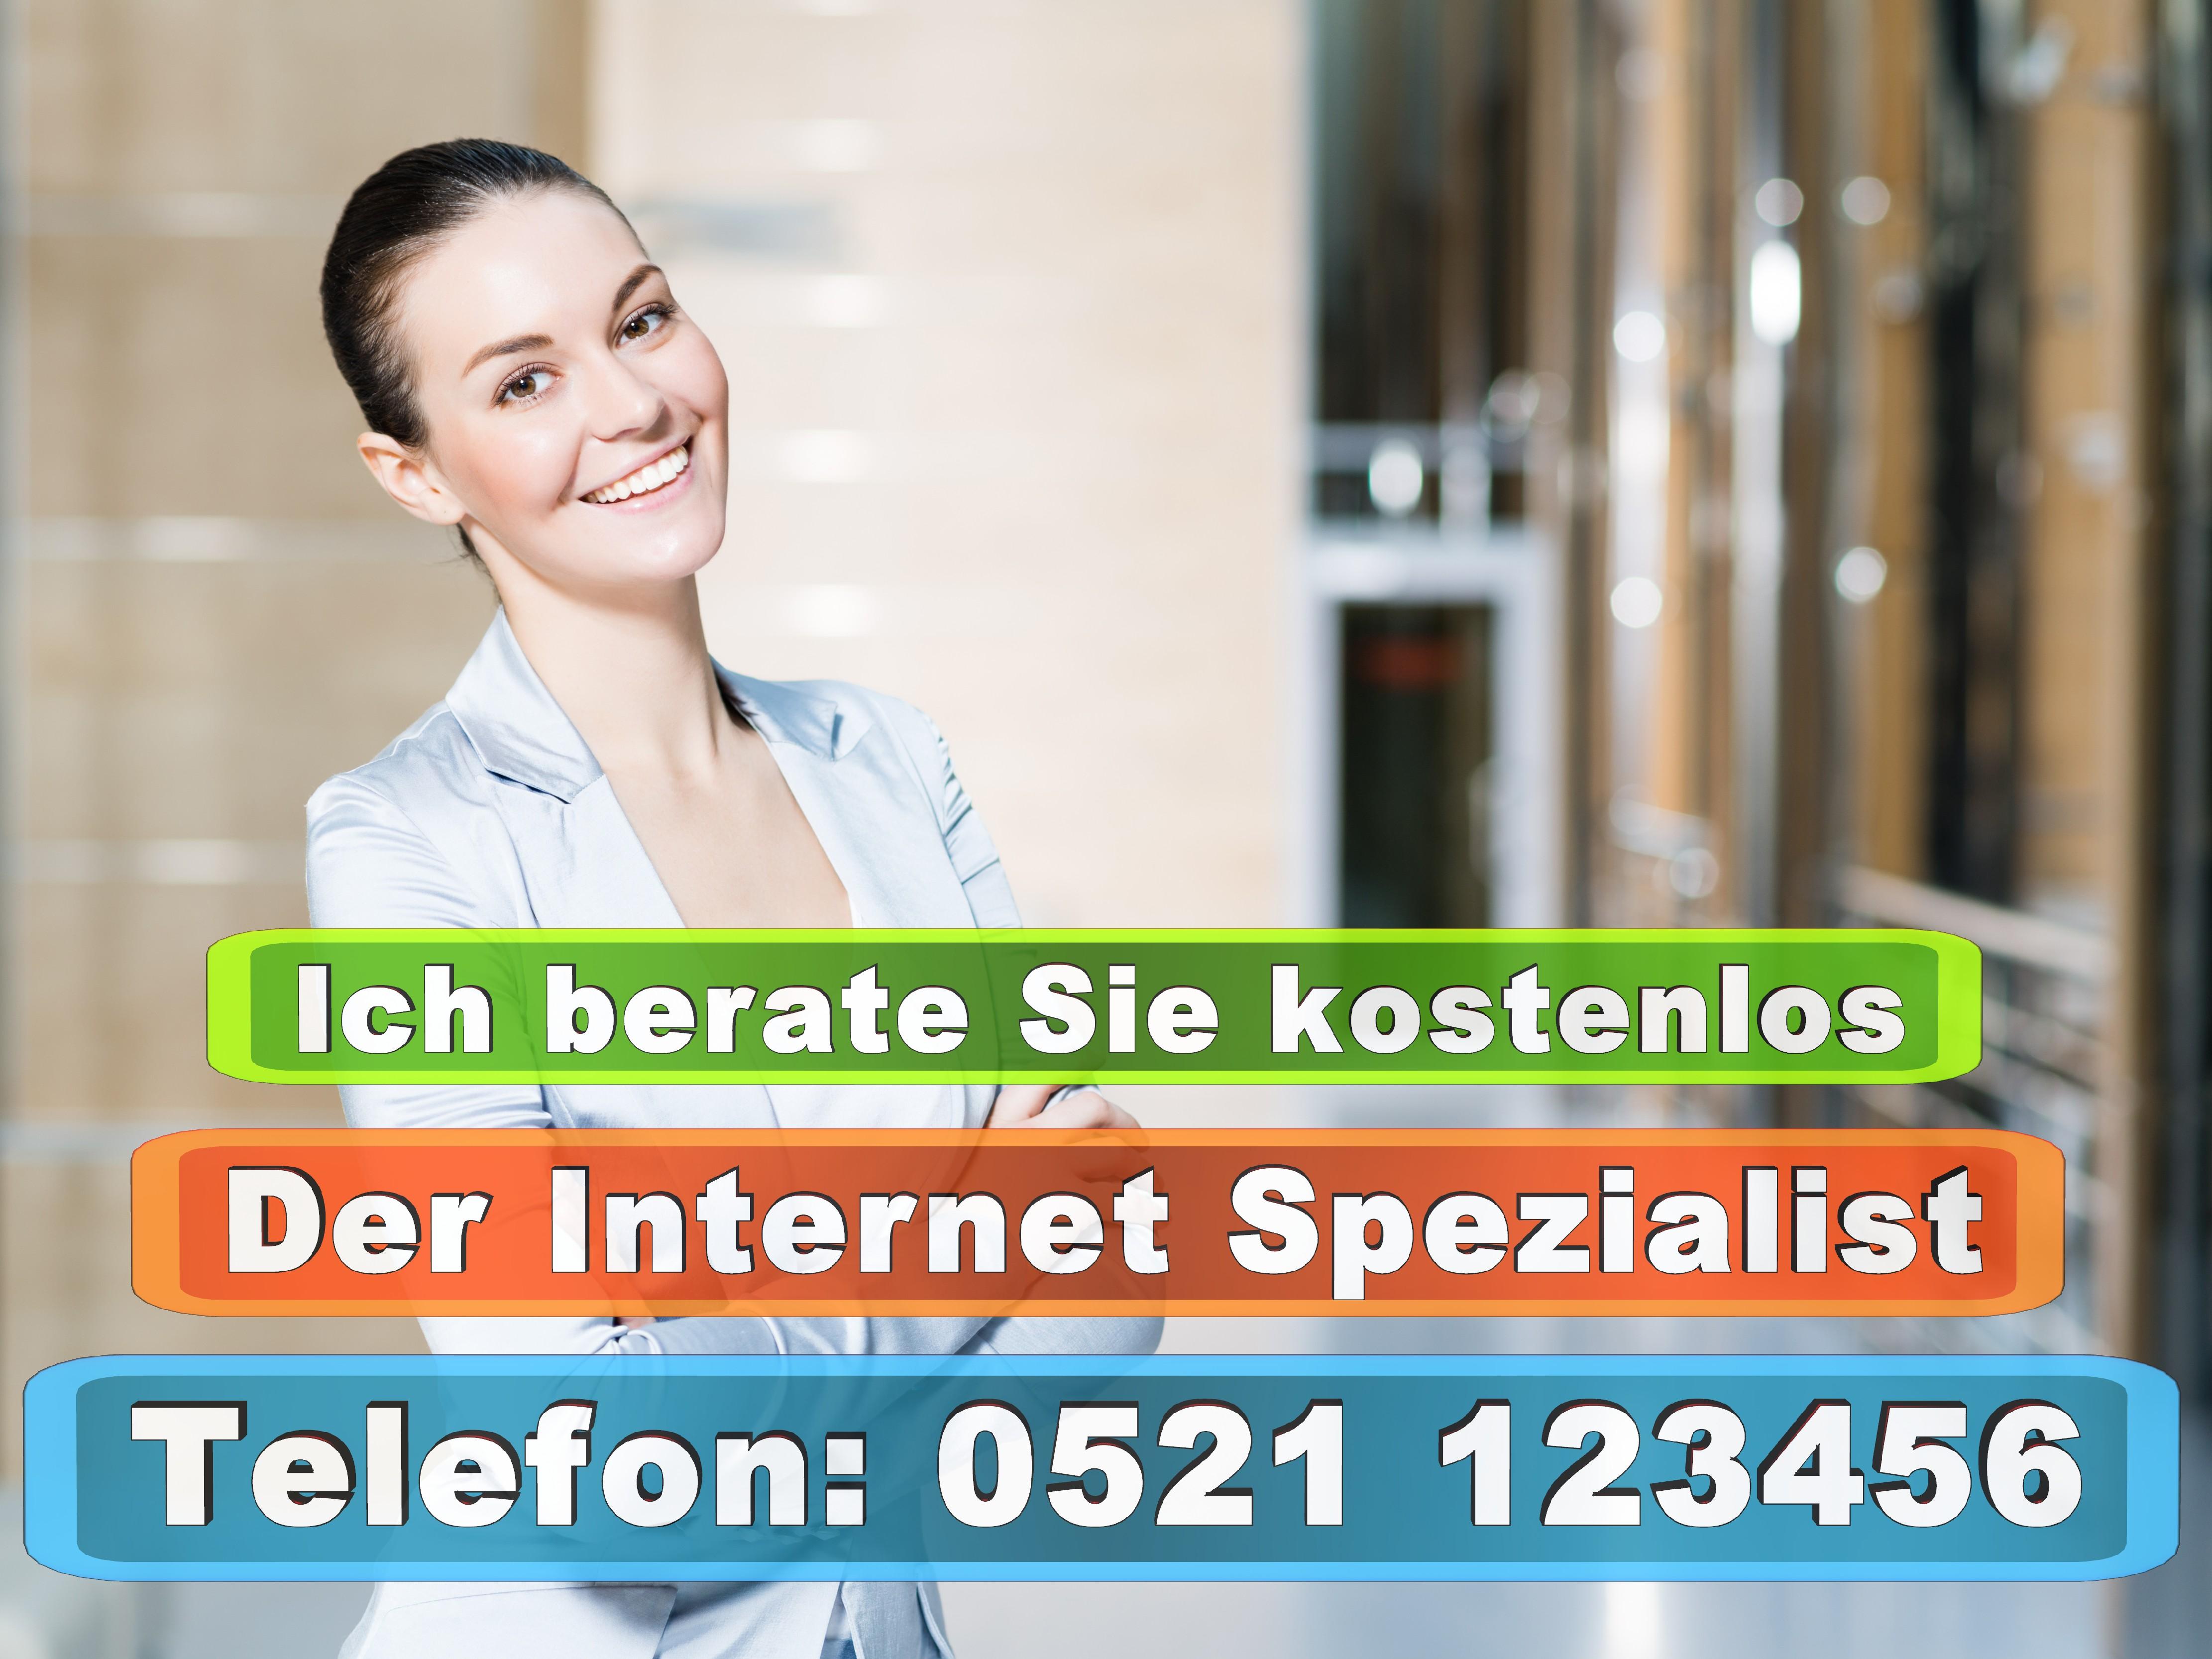 Steuerberater Bielefeld Rechtsanwalt Bielefeld Hausverwaltung Bielefeld Immobilien Bielefeld Architekt Bielefeld Büro Versicherungen (6)